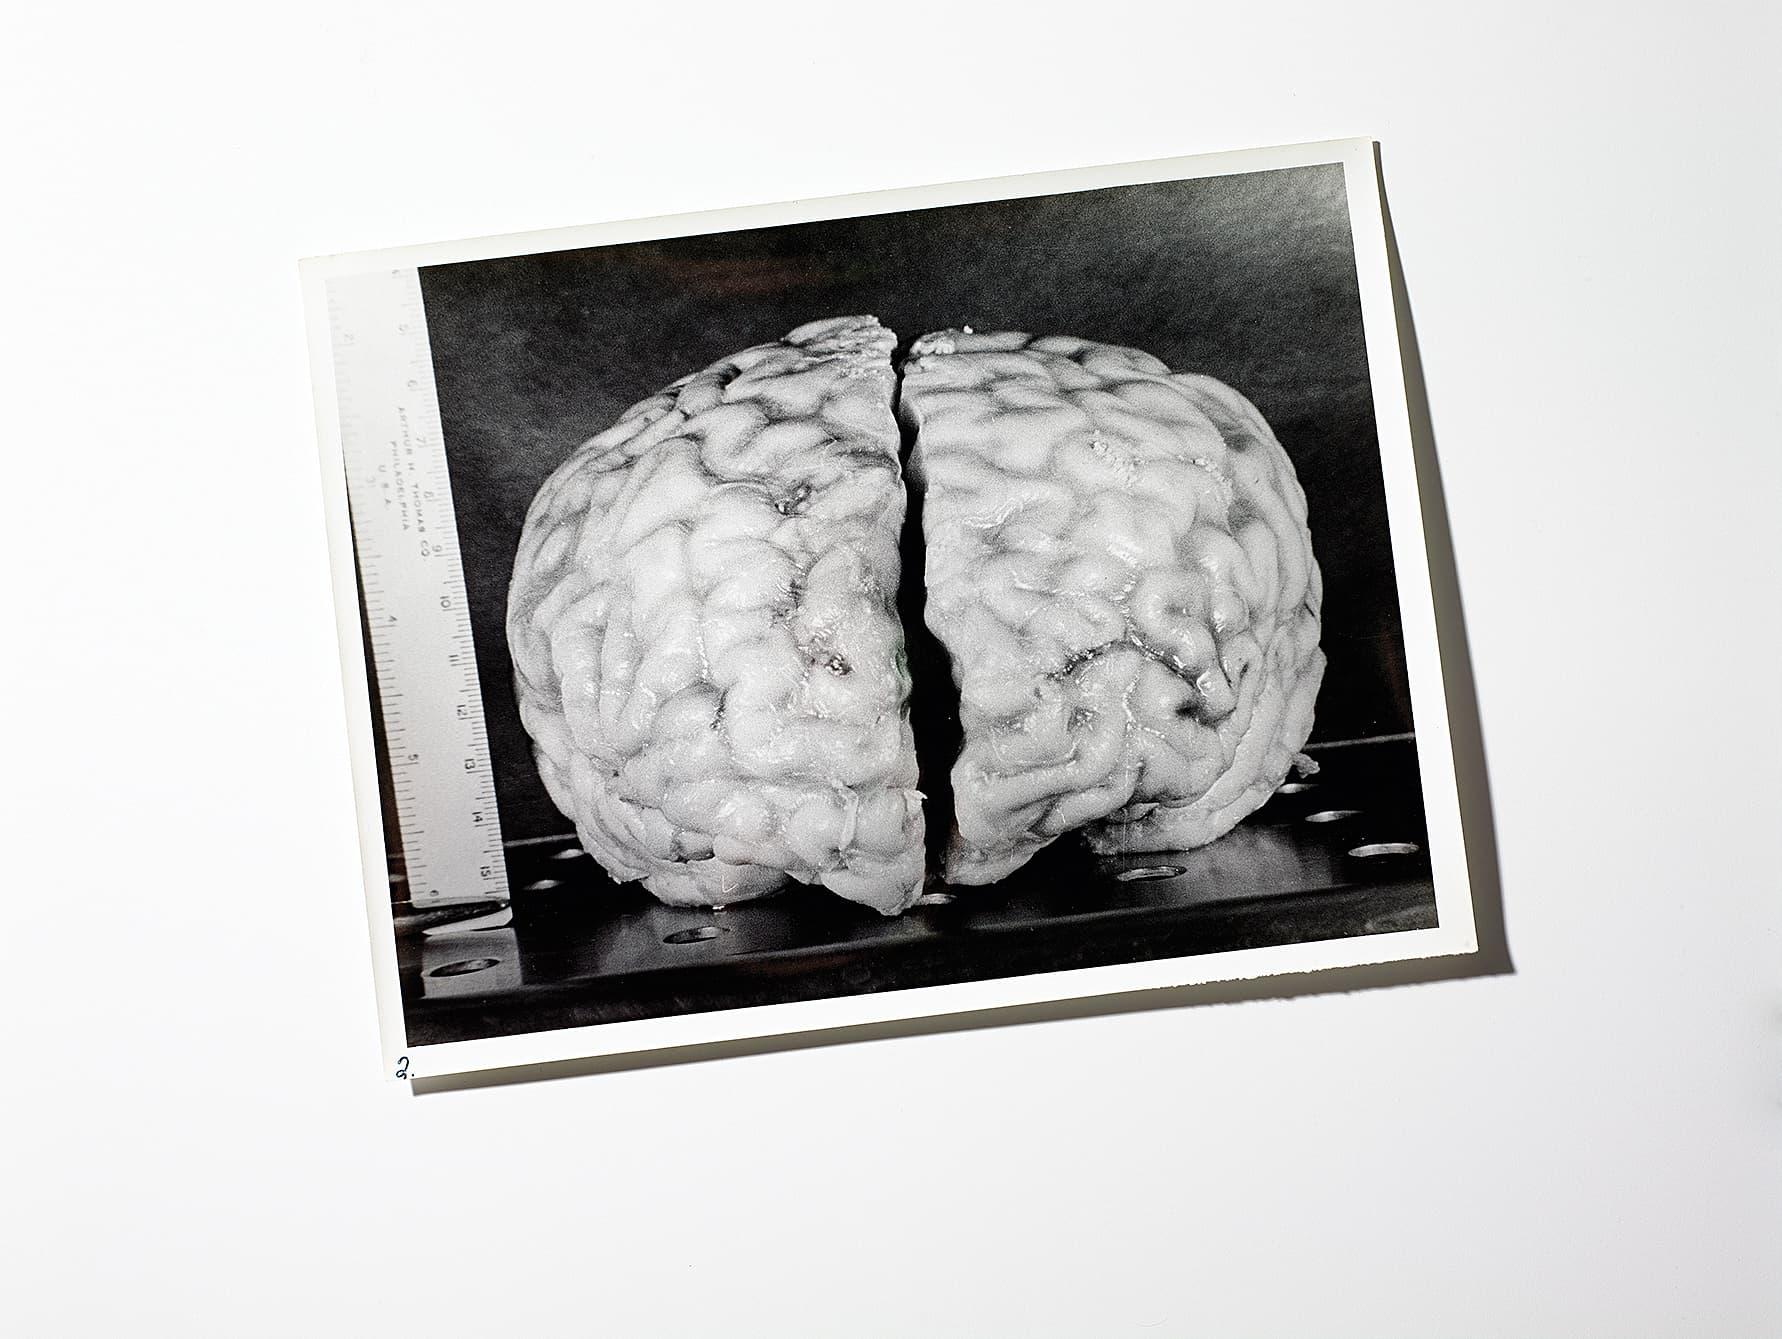 Neurowissenschaft: Einsteins Gehirn - Spektrum der Wissenschaft